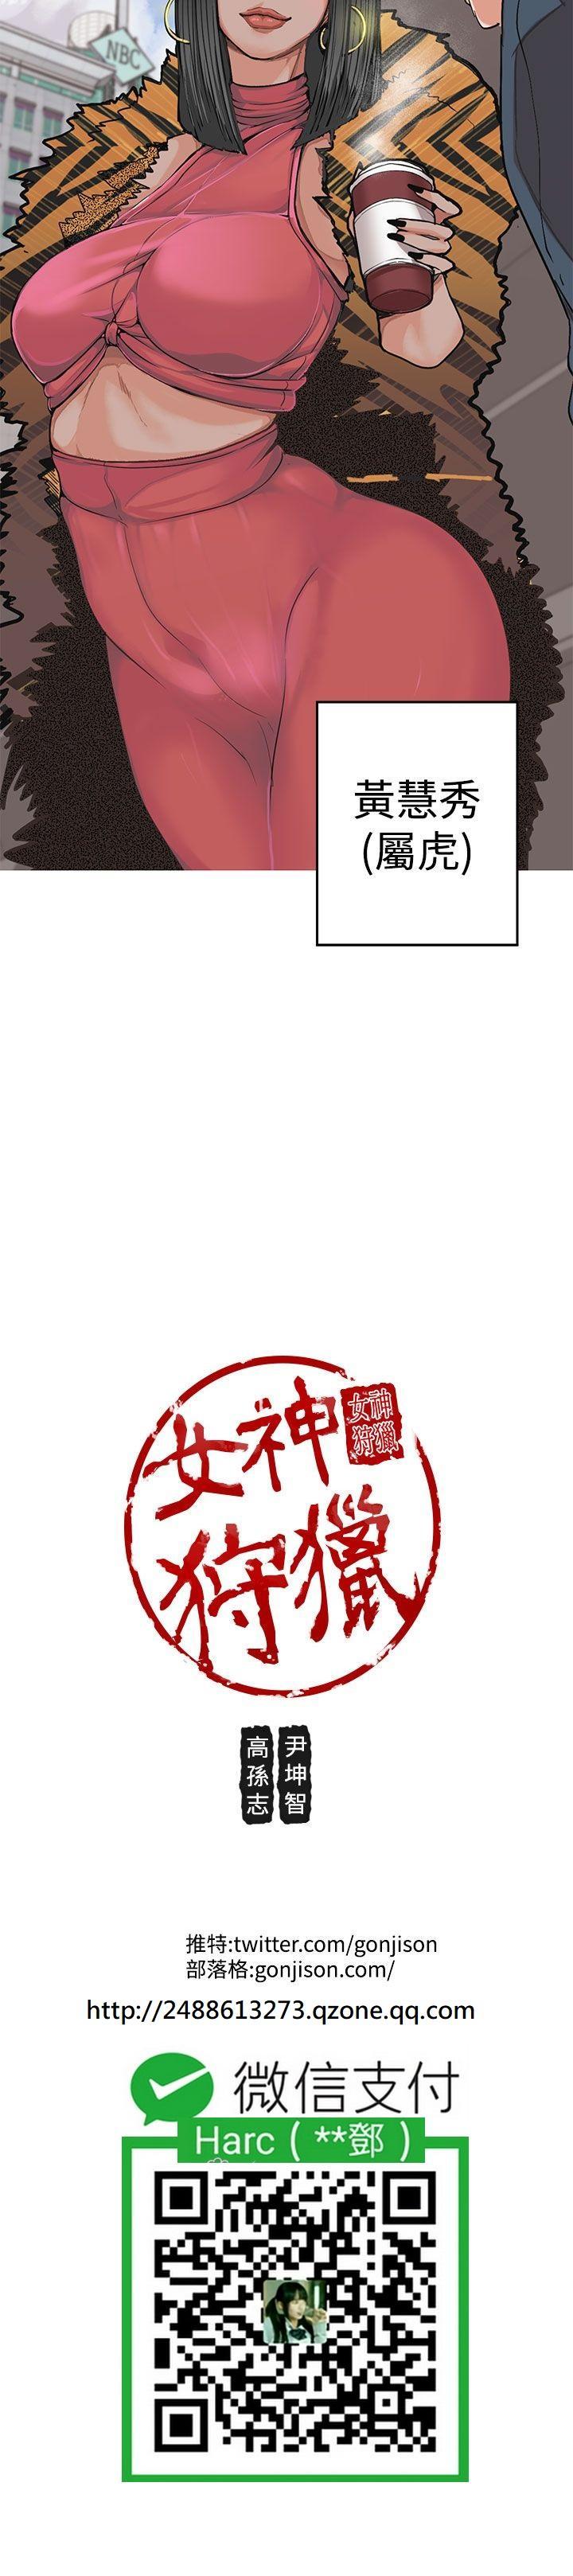 女神狩猎 第1~3話 [Chinese]中文 Harc 63